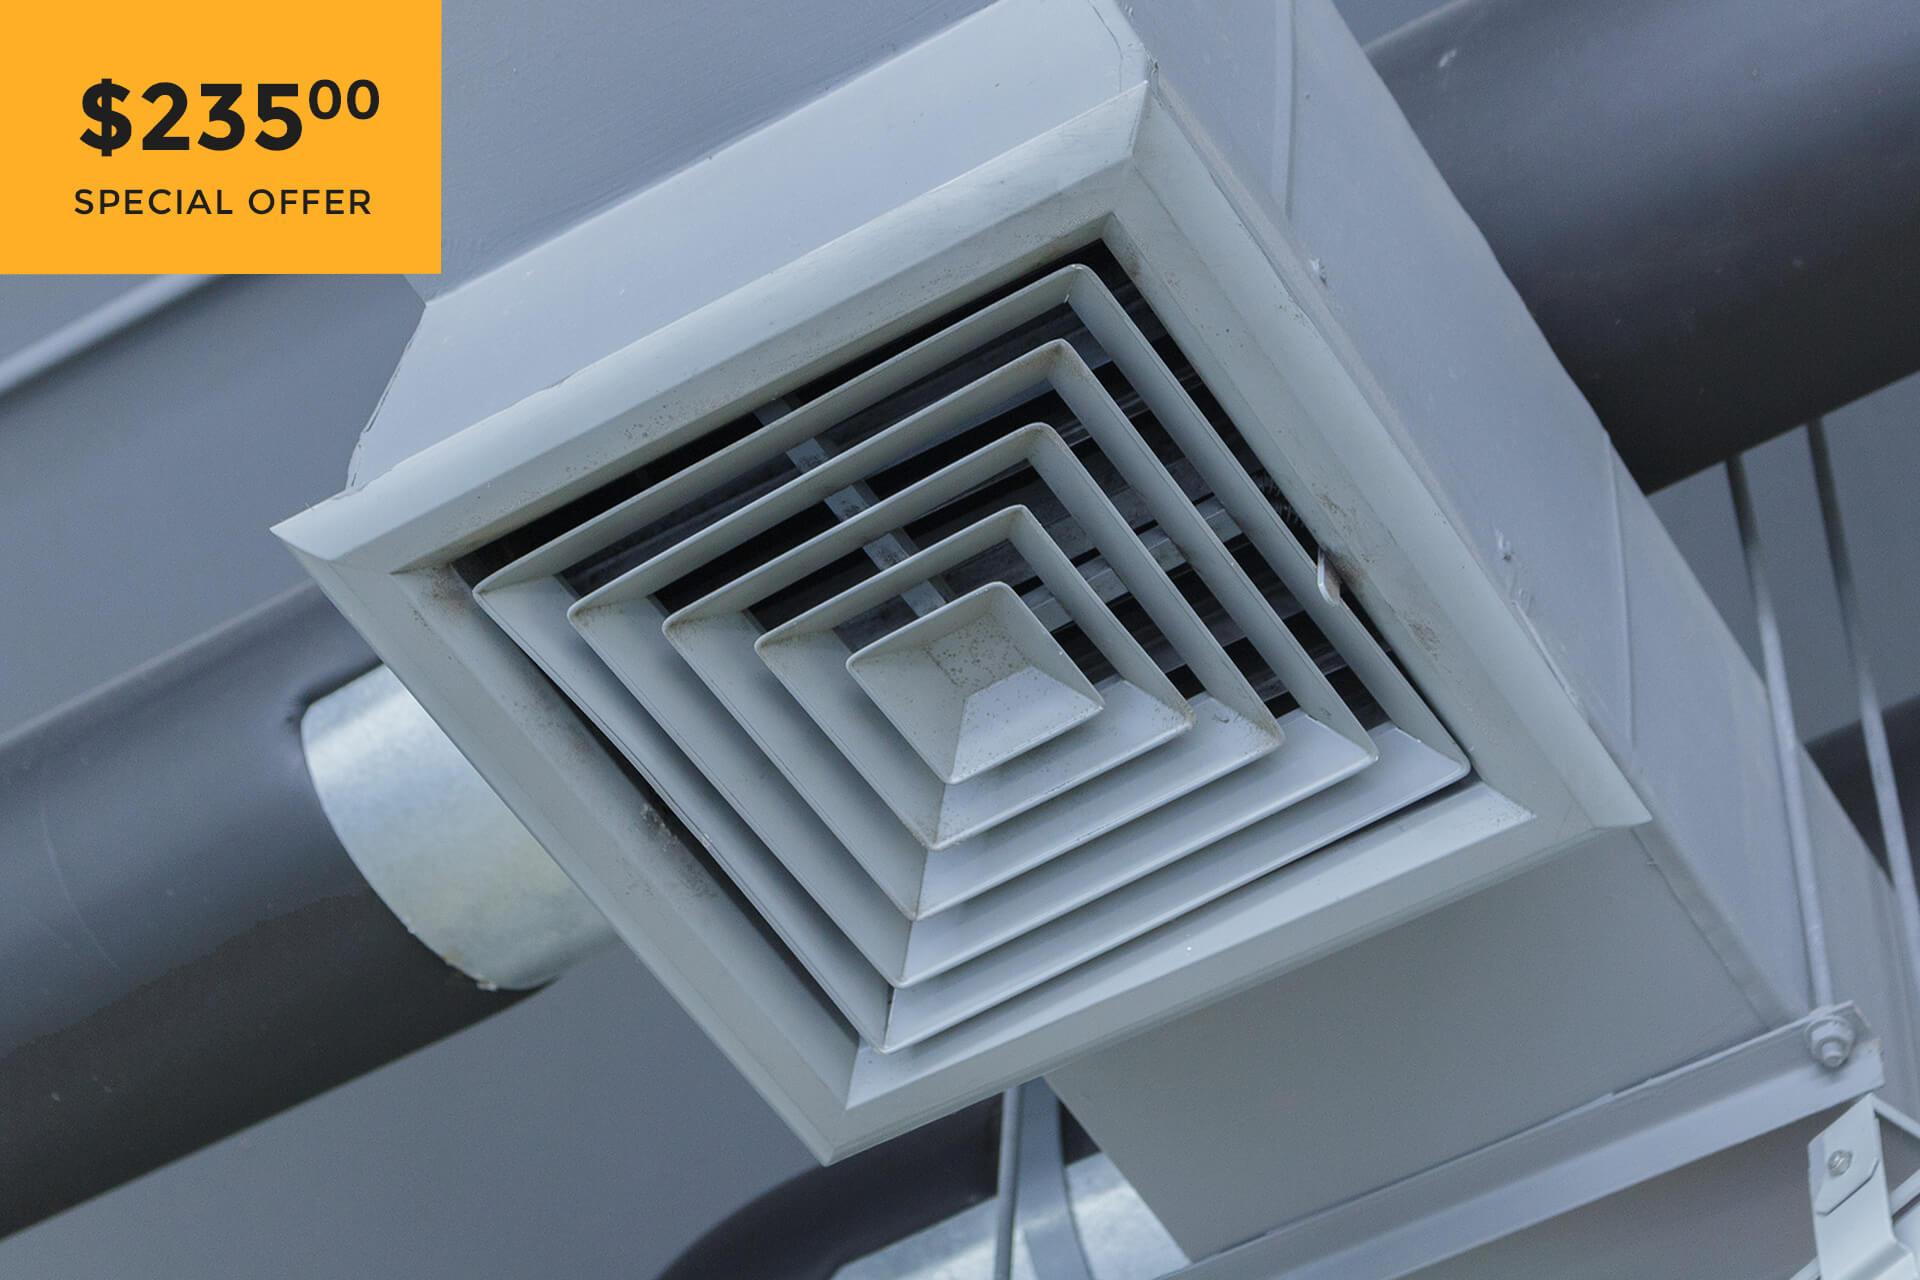 Window Mount Room Air Conditioner AC Unit 5,000